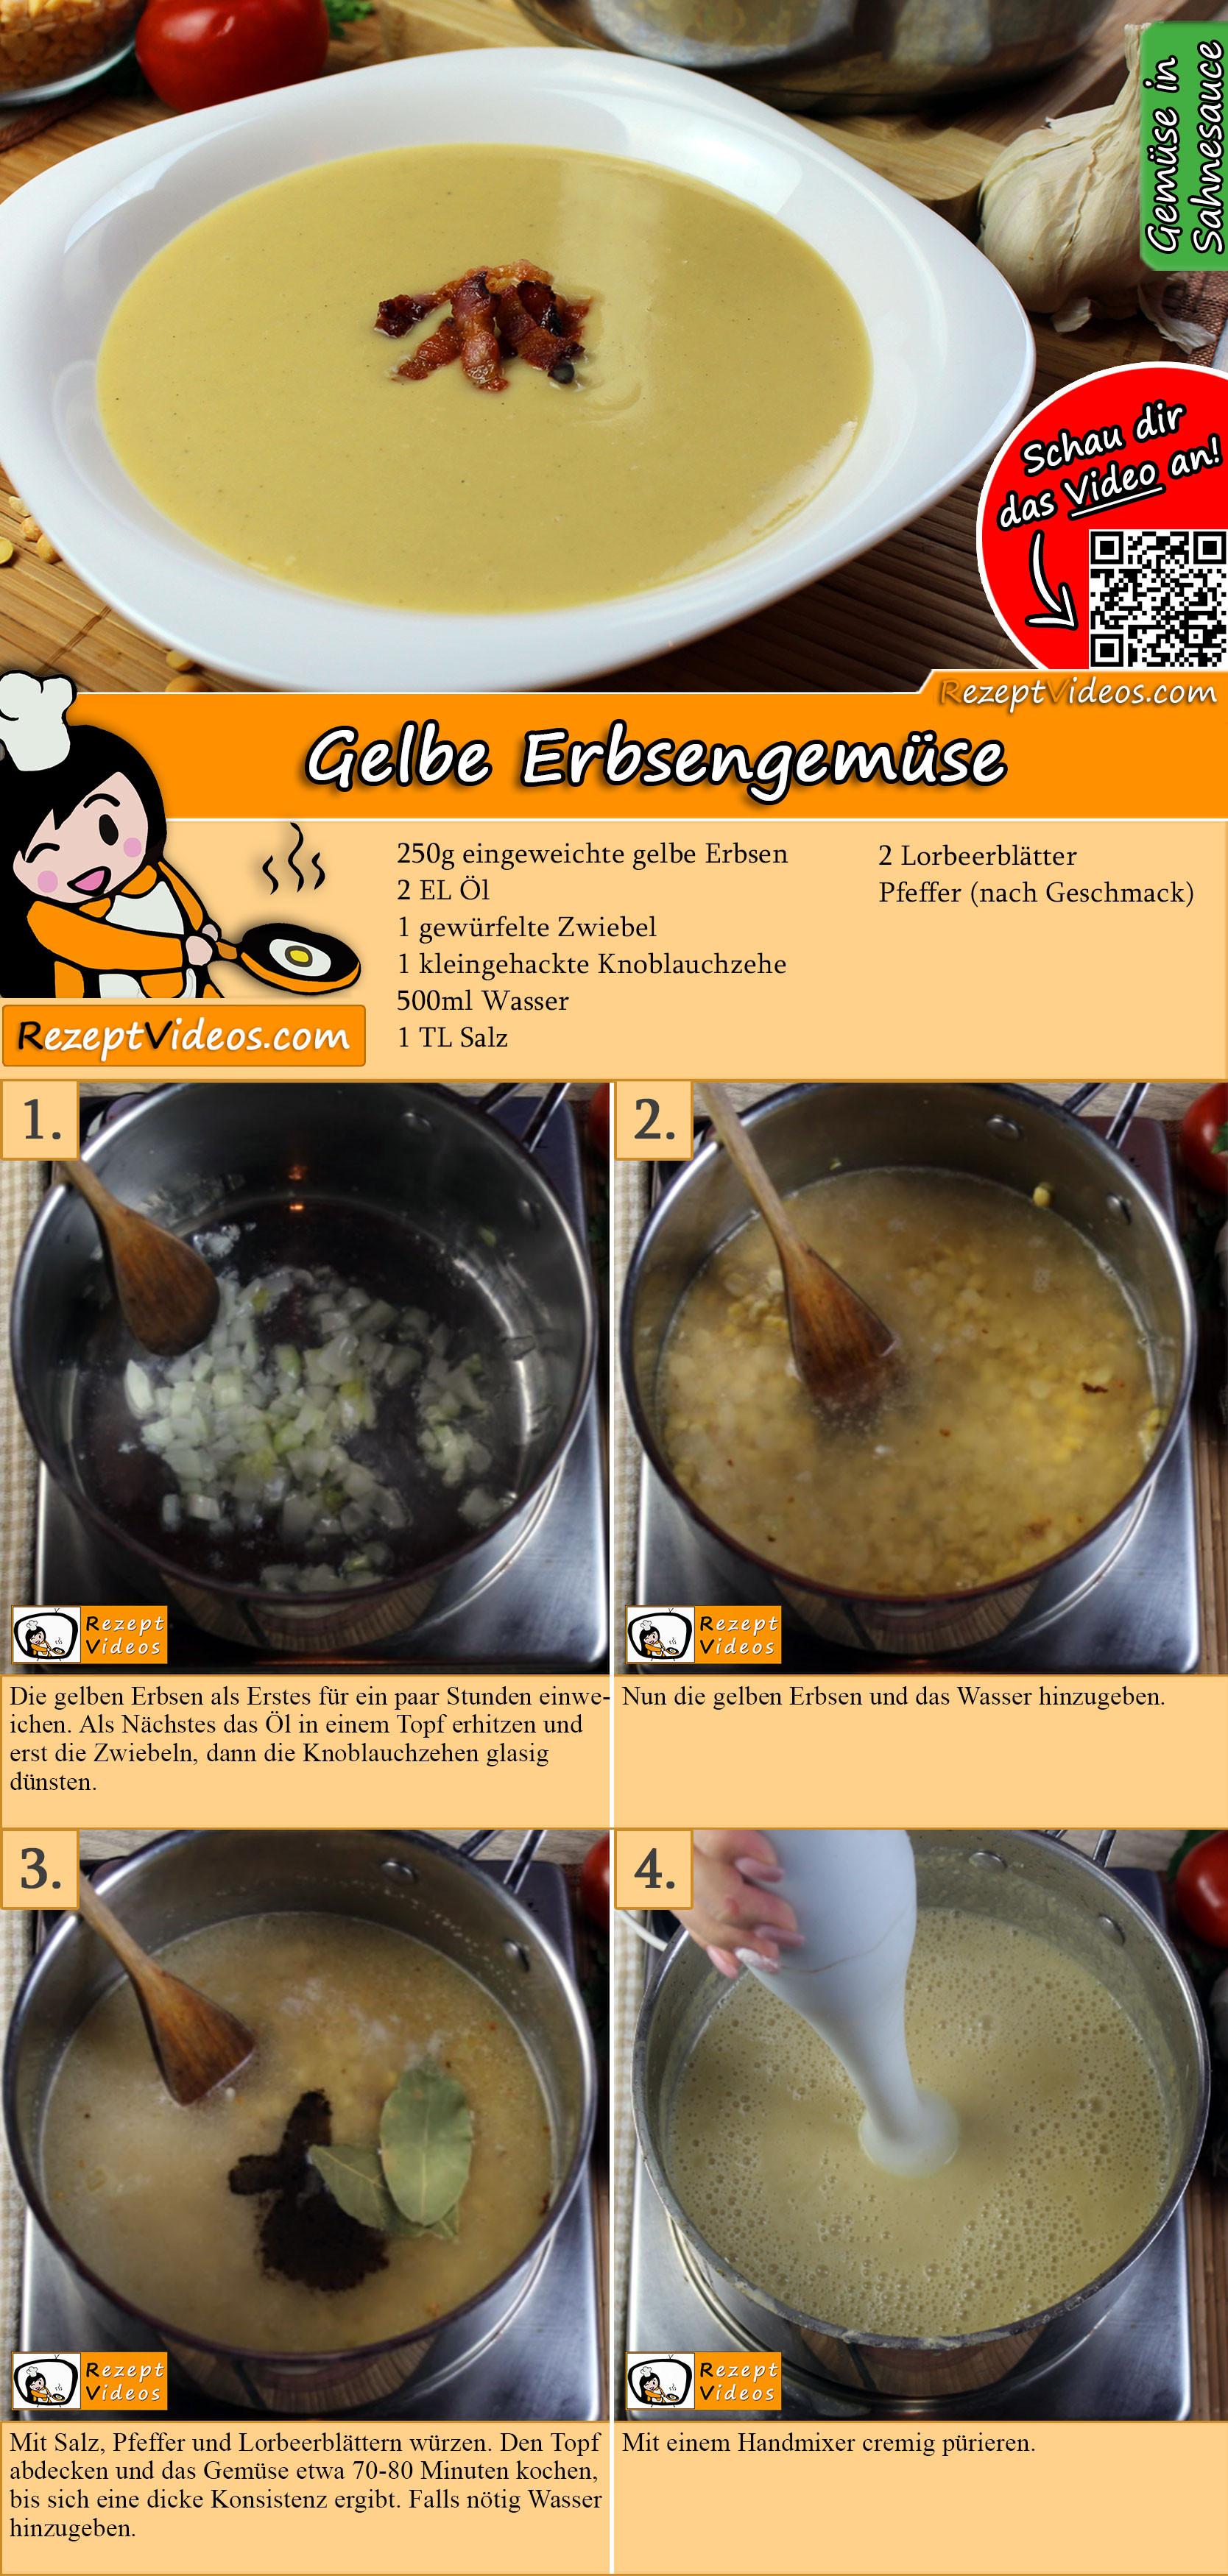 Gelbe Erbsengemüse Rezept mit Video